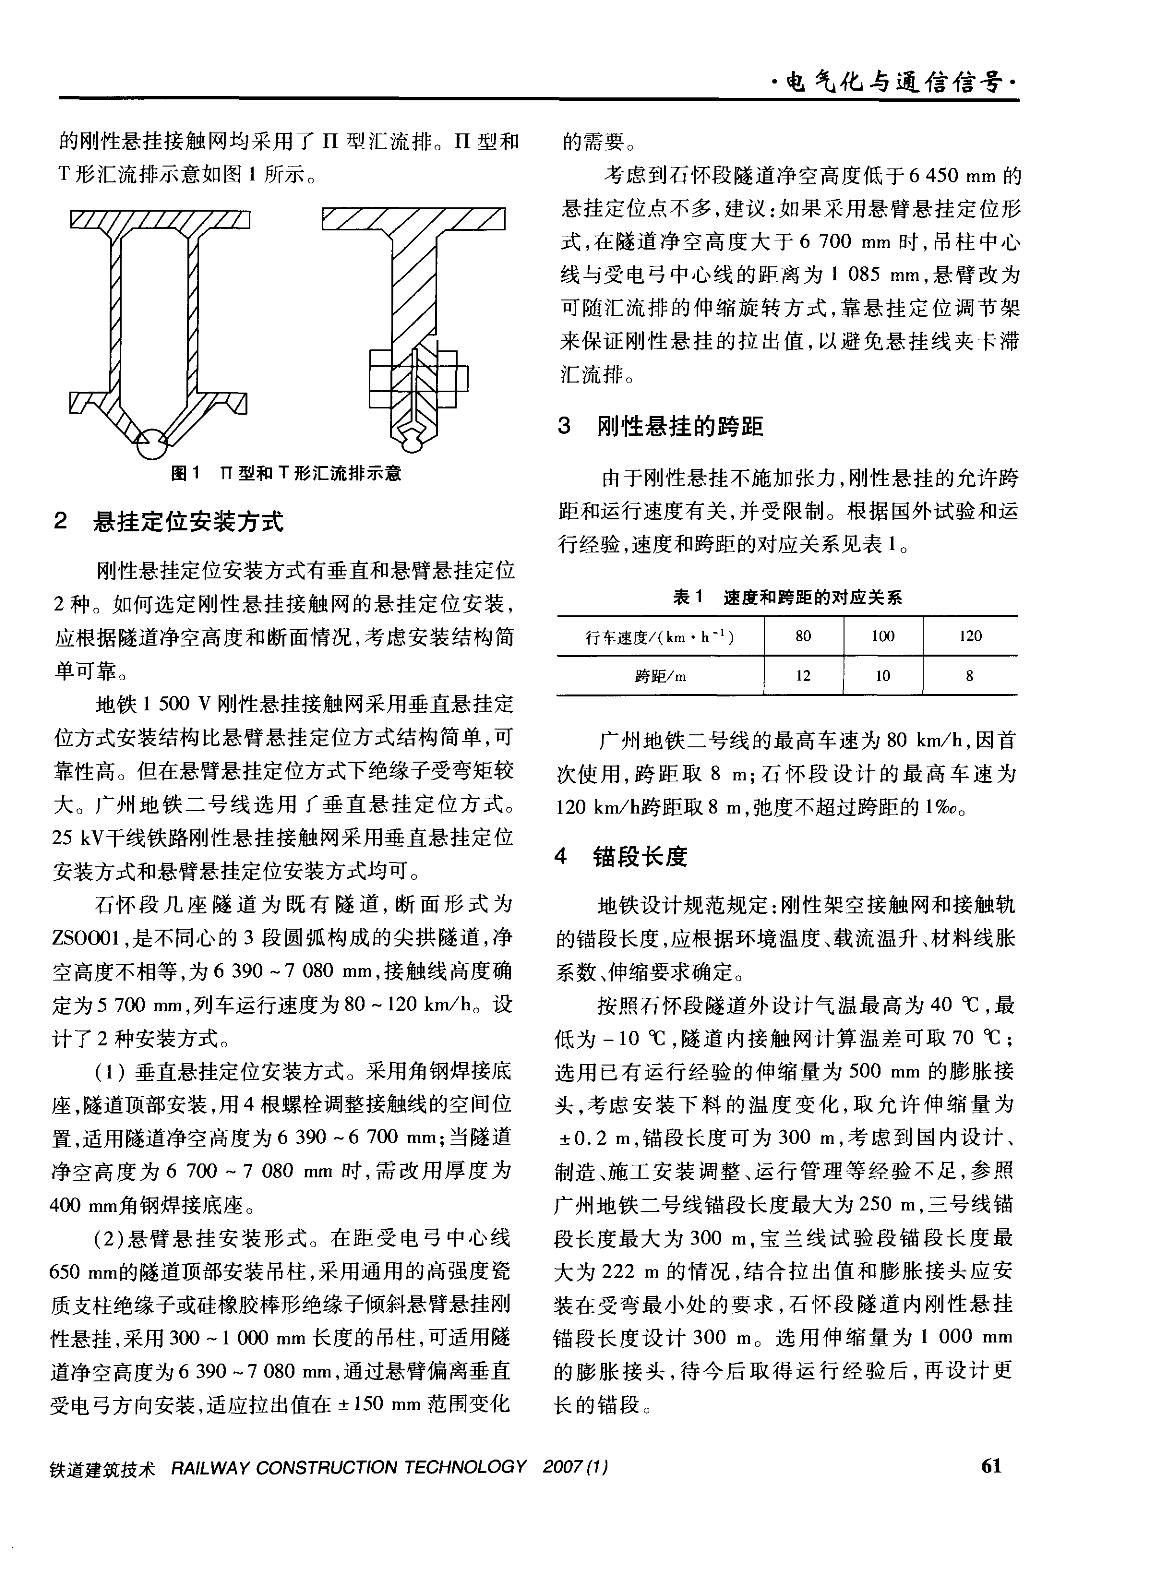 刚性悬挂接触网设计若干技术问题探讨-图一